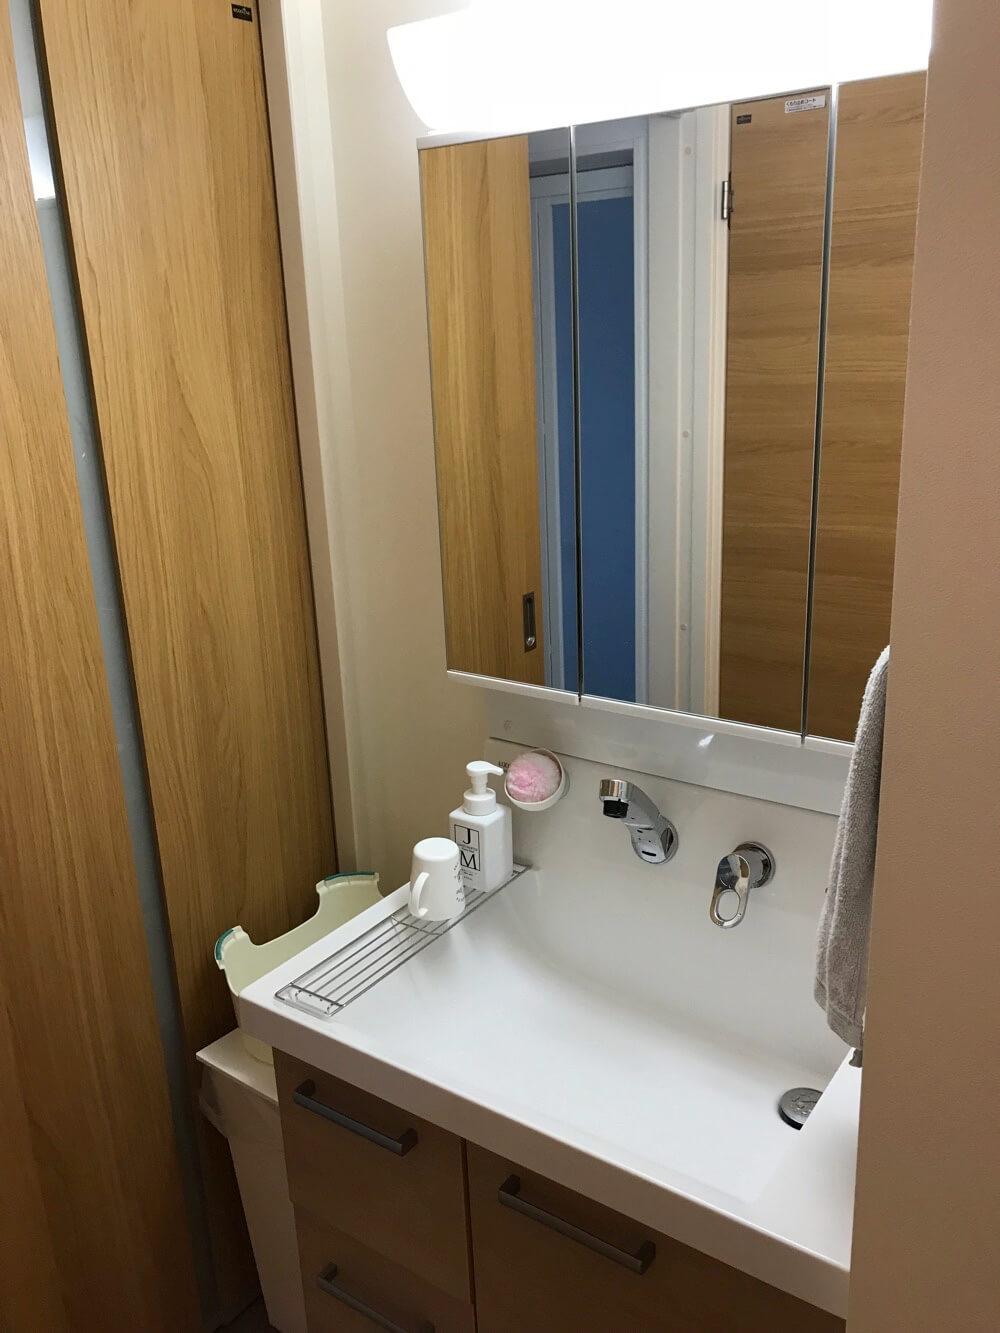 洗面台が脱衣室から独立してると、お客さんに手を洗ってもうときも嫌なものが見られる心配はない